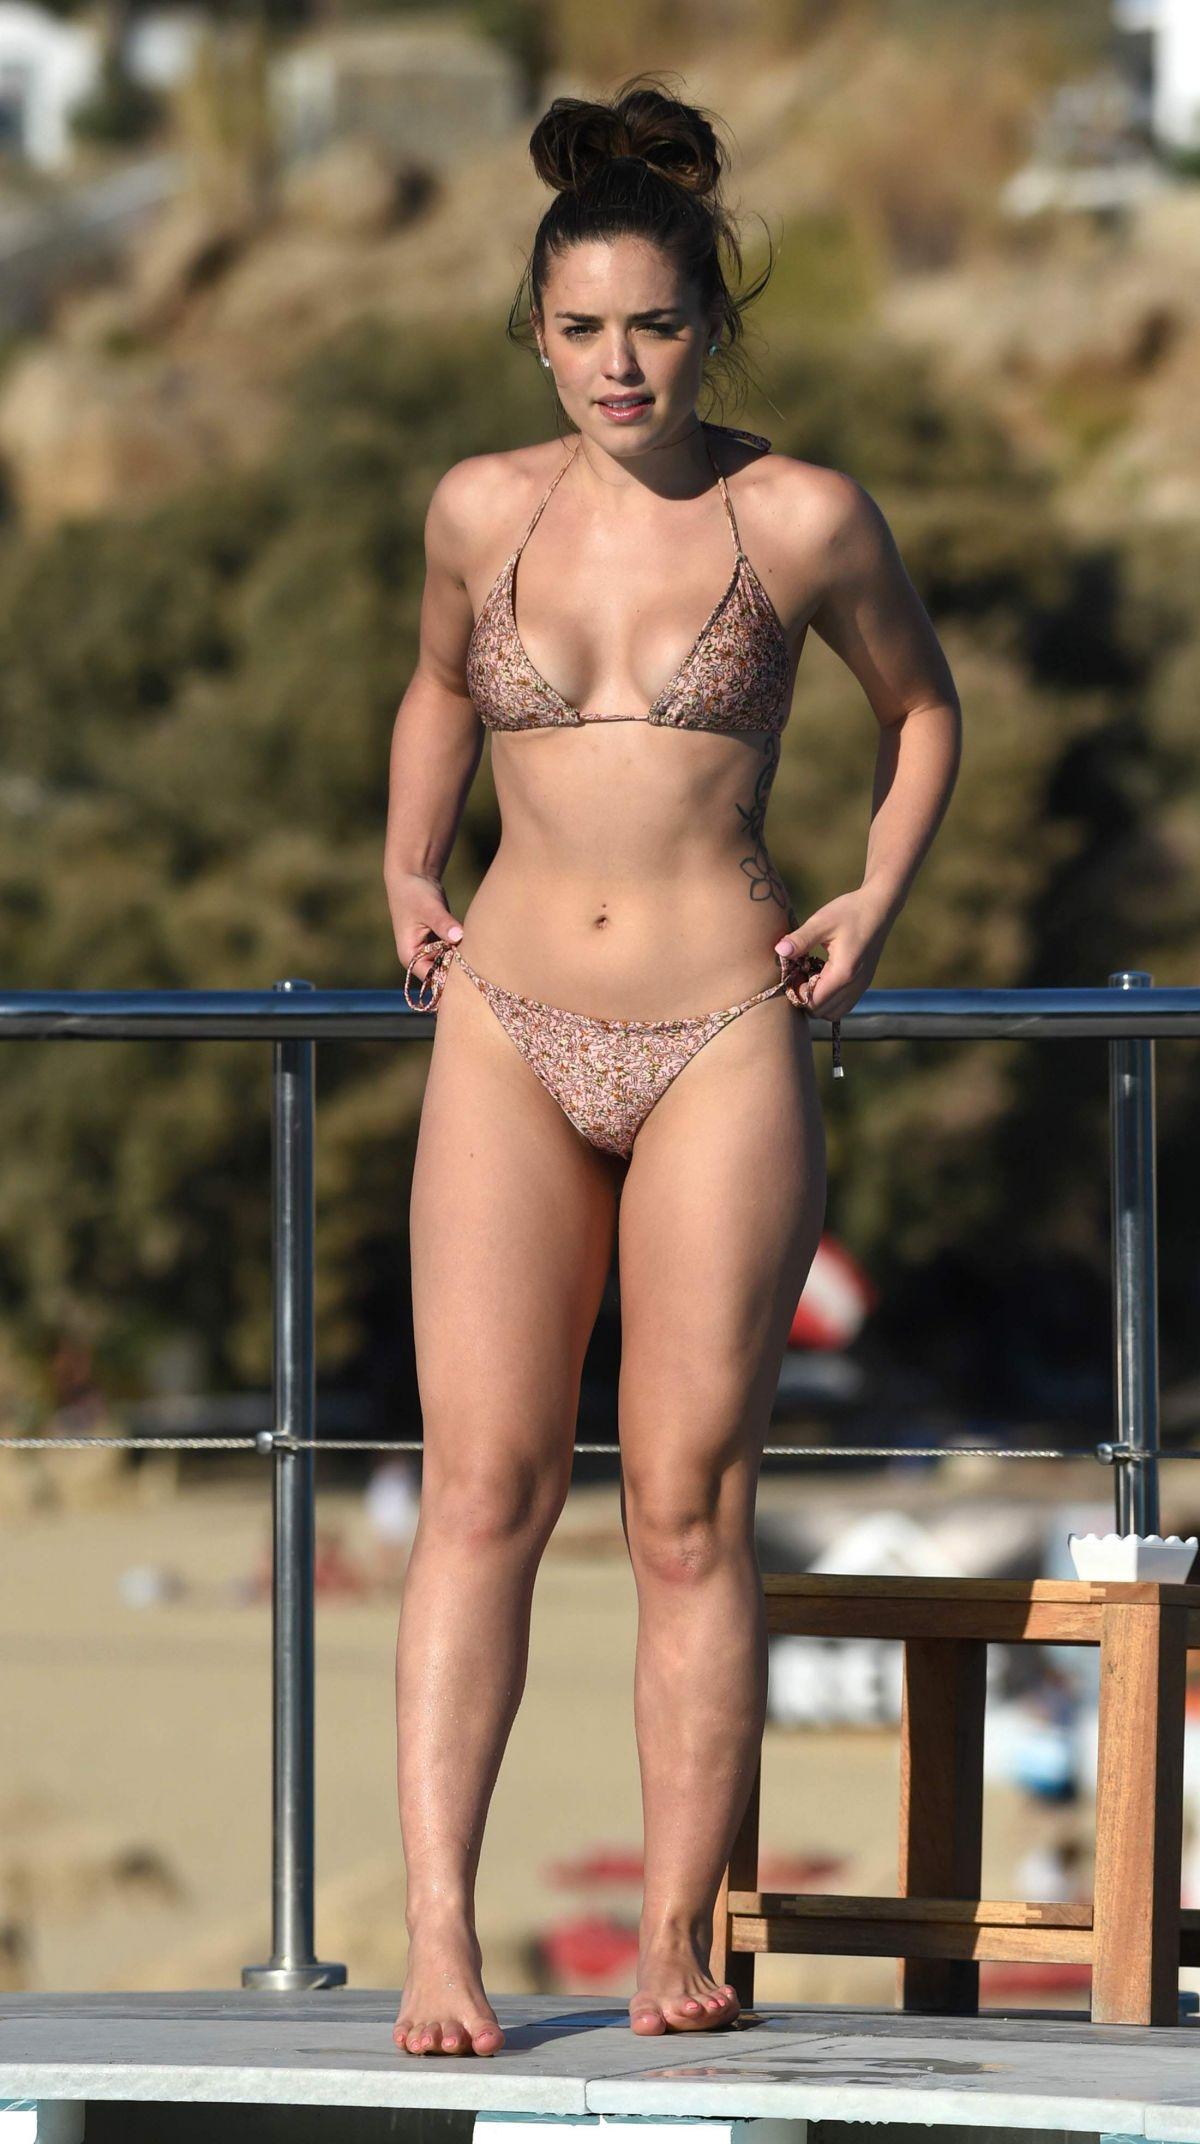 Dirty patricia blair bikini fav. Liked